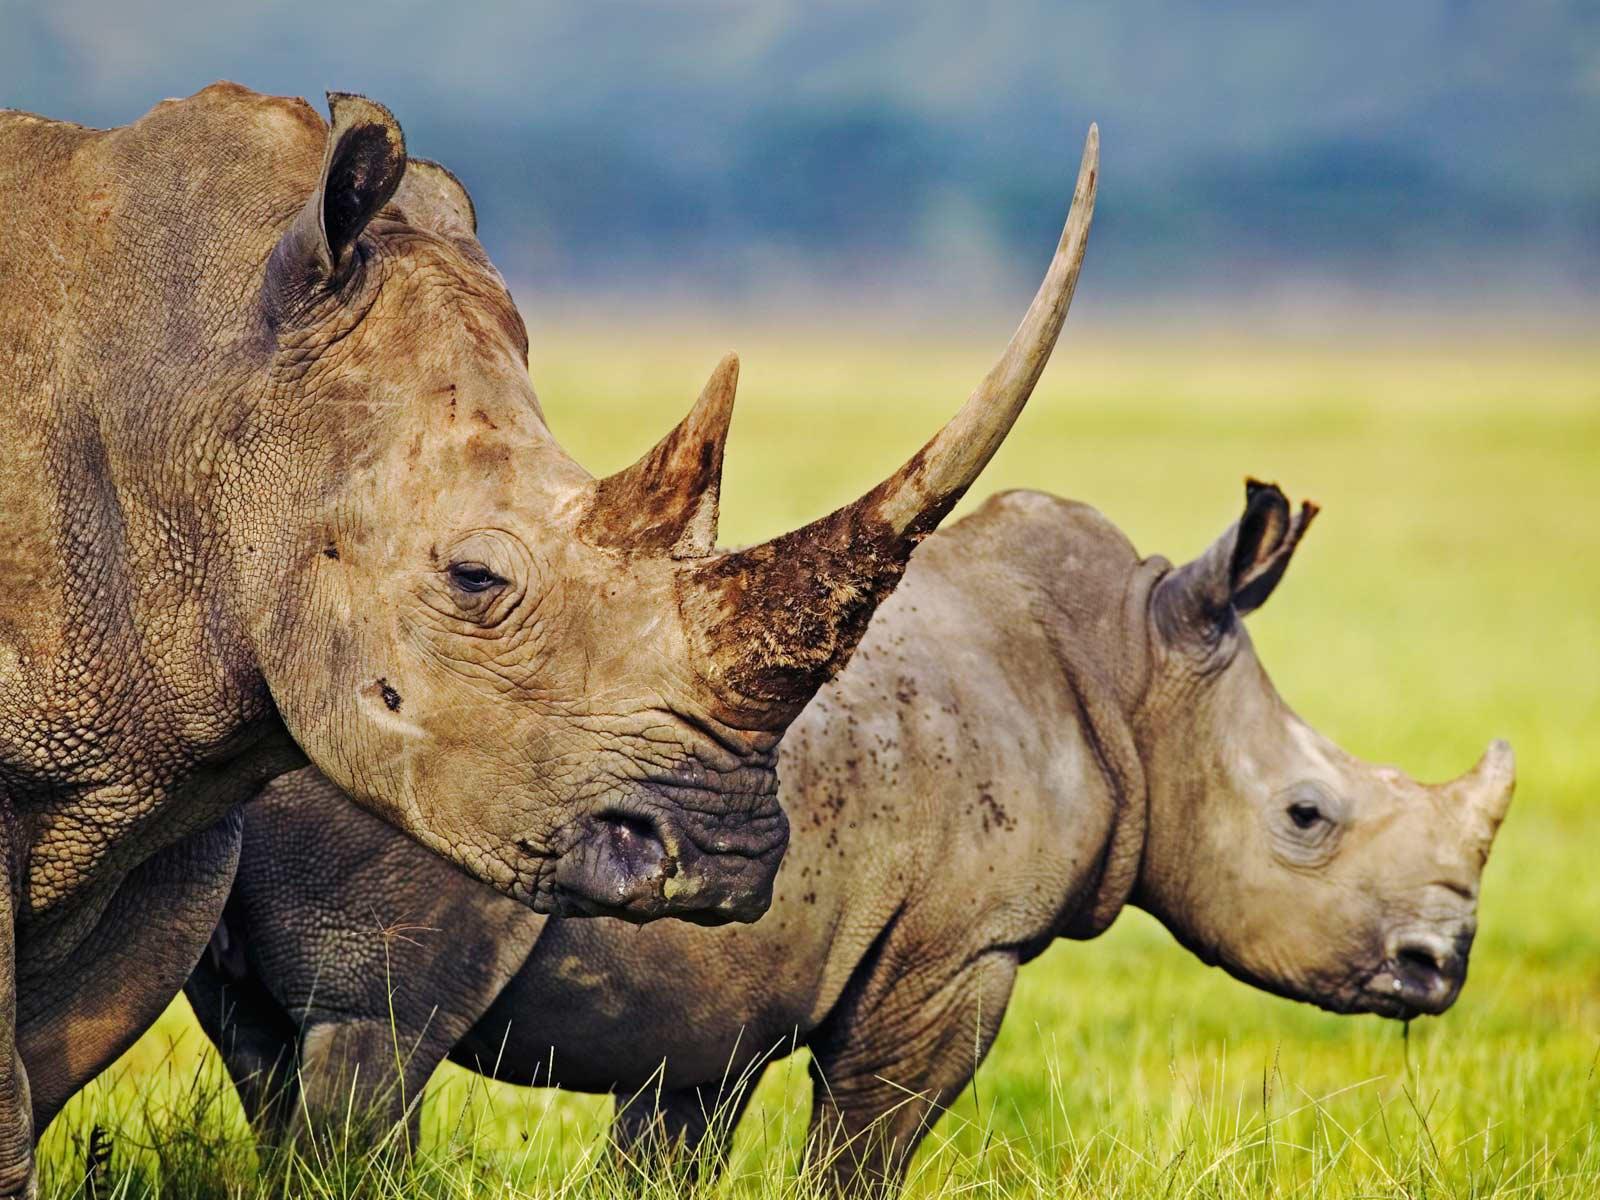 Relatório da WWF mostra 'declínio desastroso' do meio ambiente